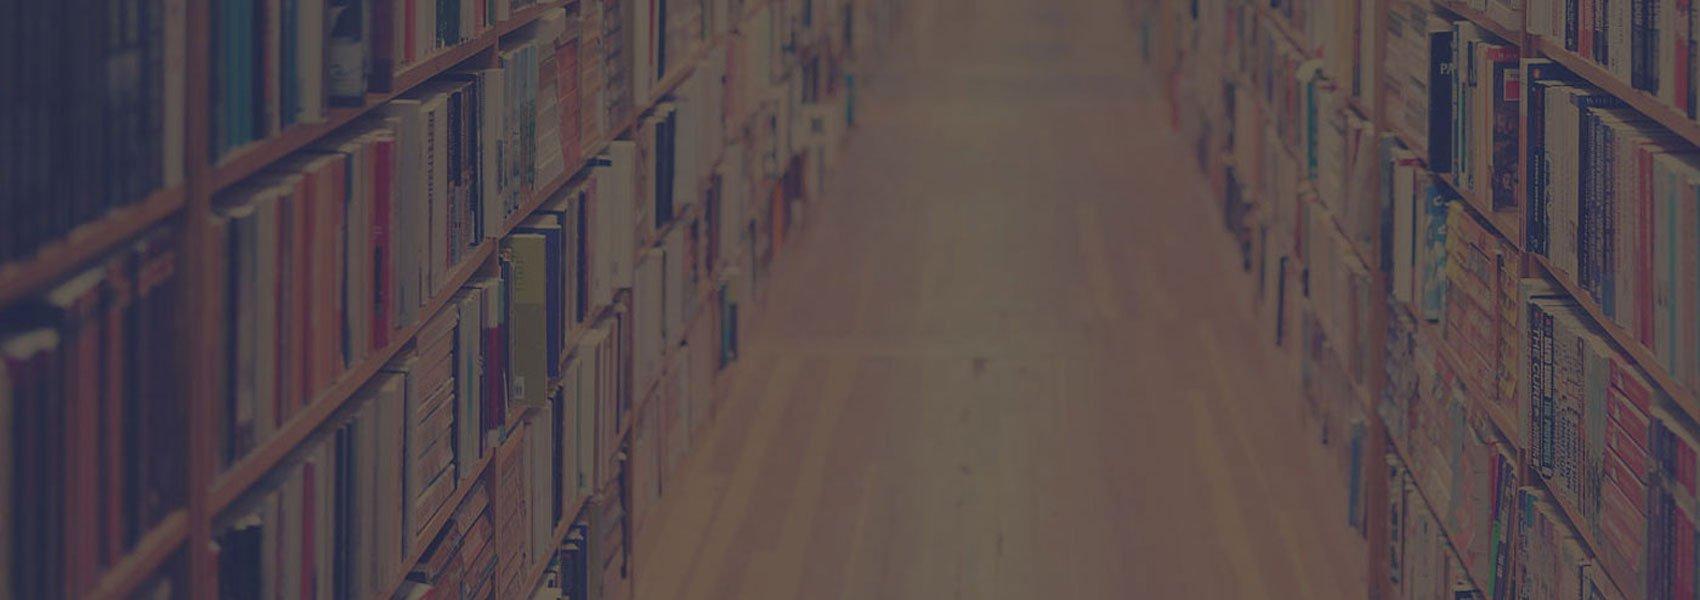 laLibre – librería social de CEDIB